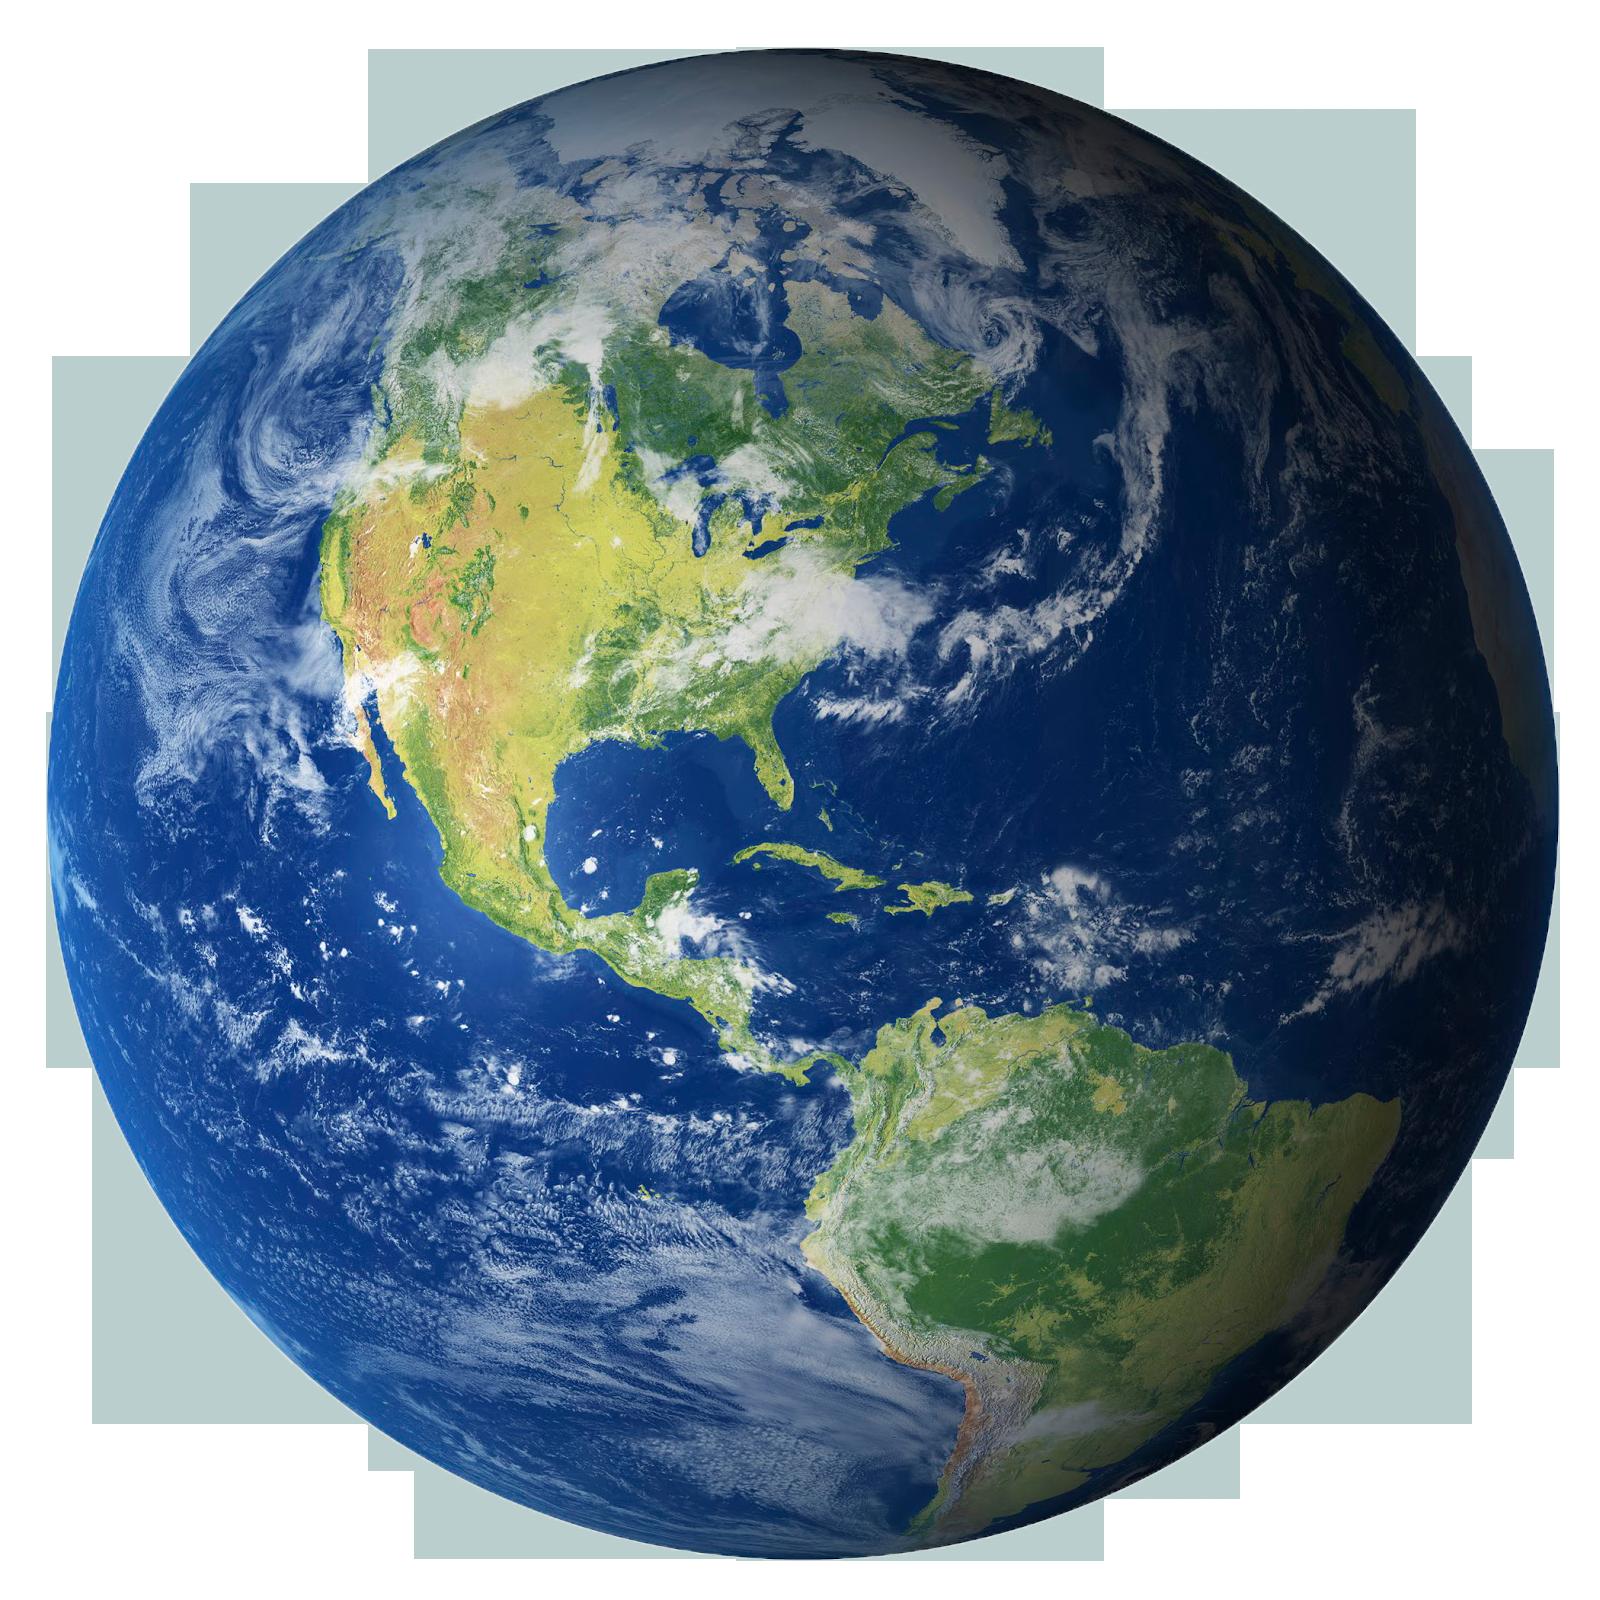 اهمیت به محیط زیست و زمین